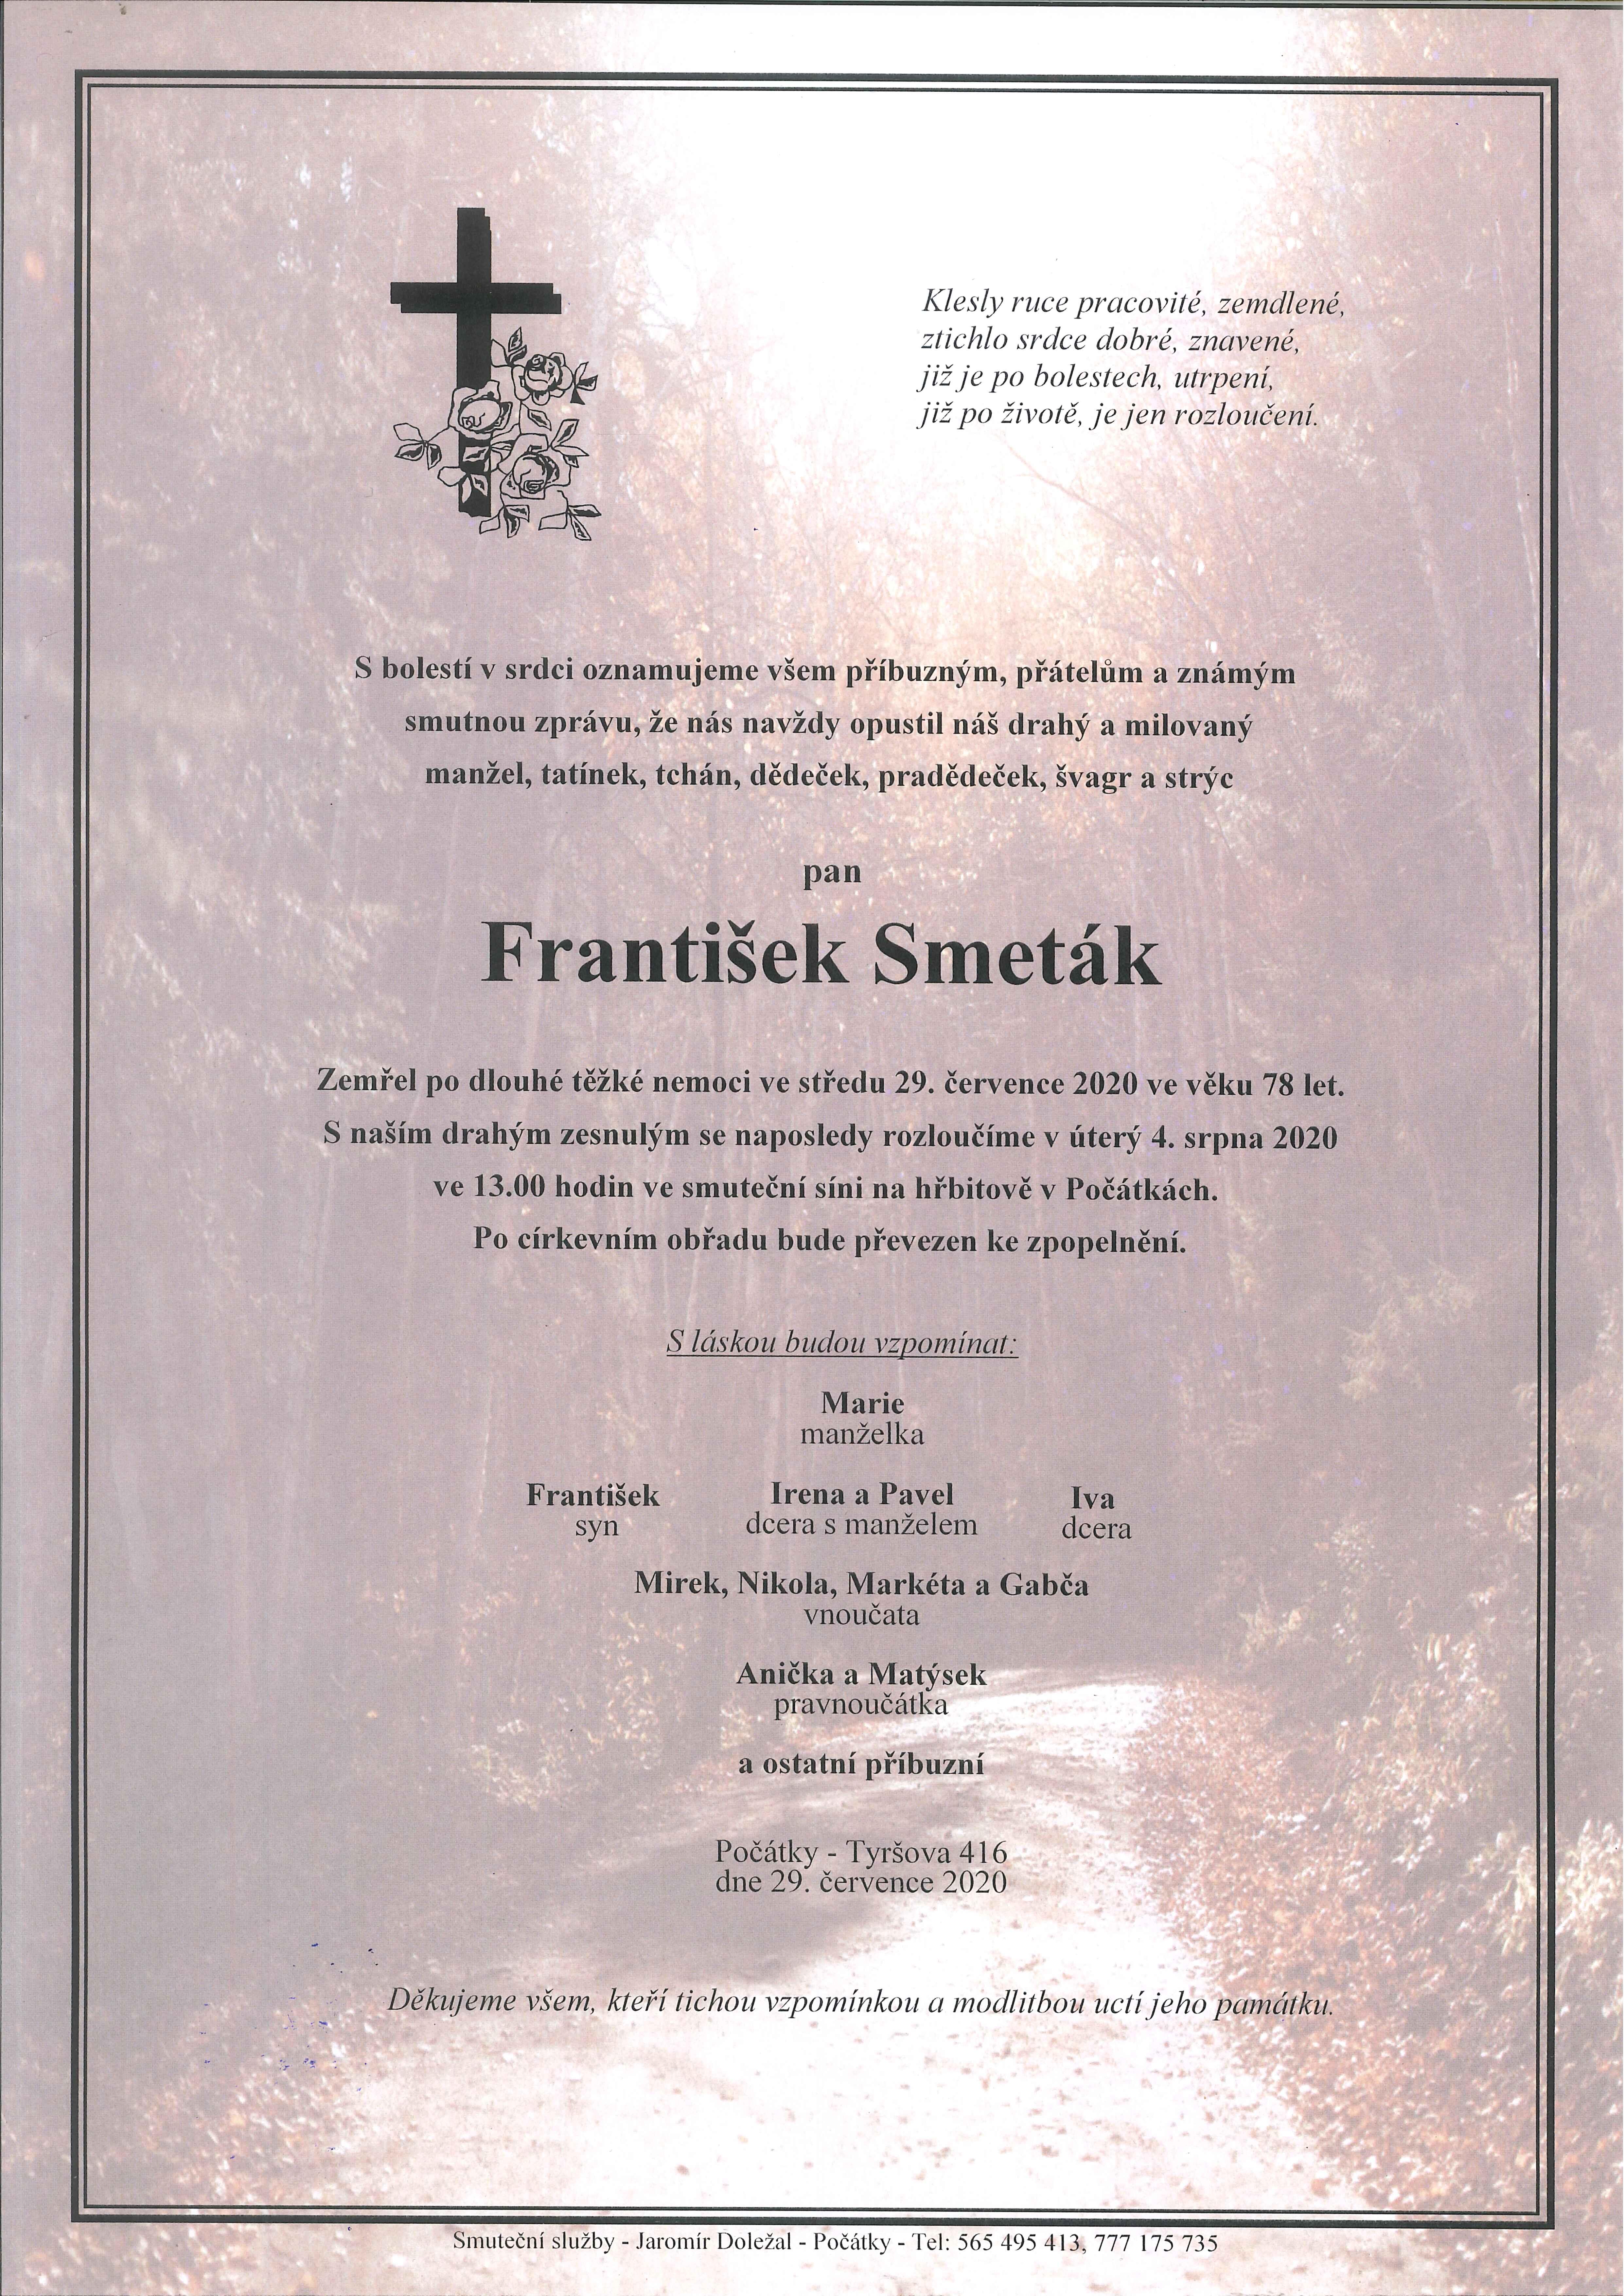 František Smeták